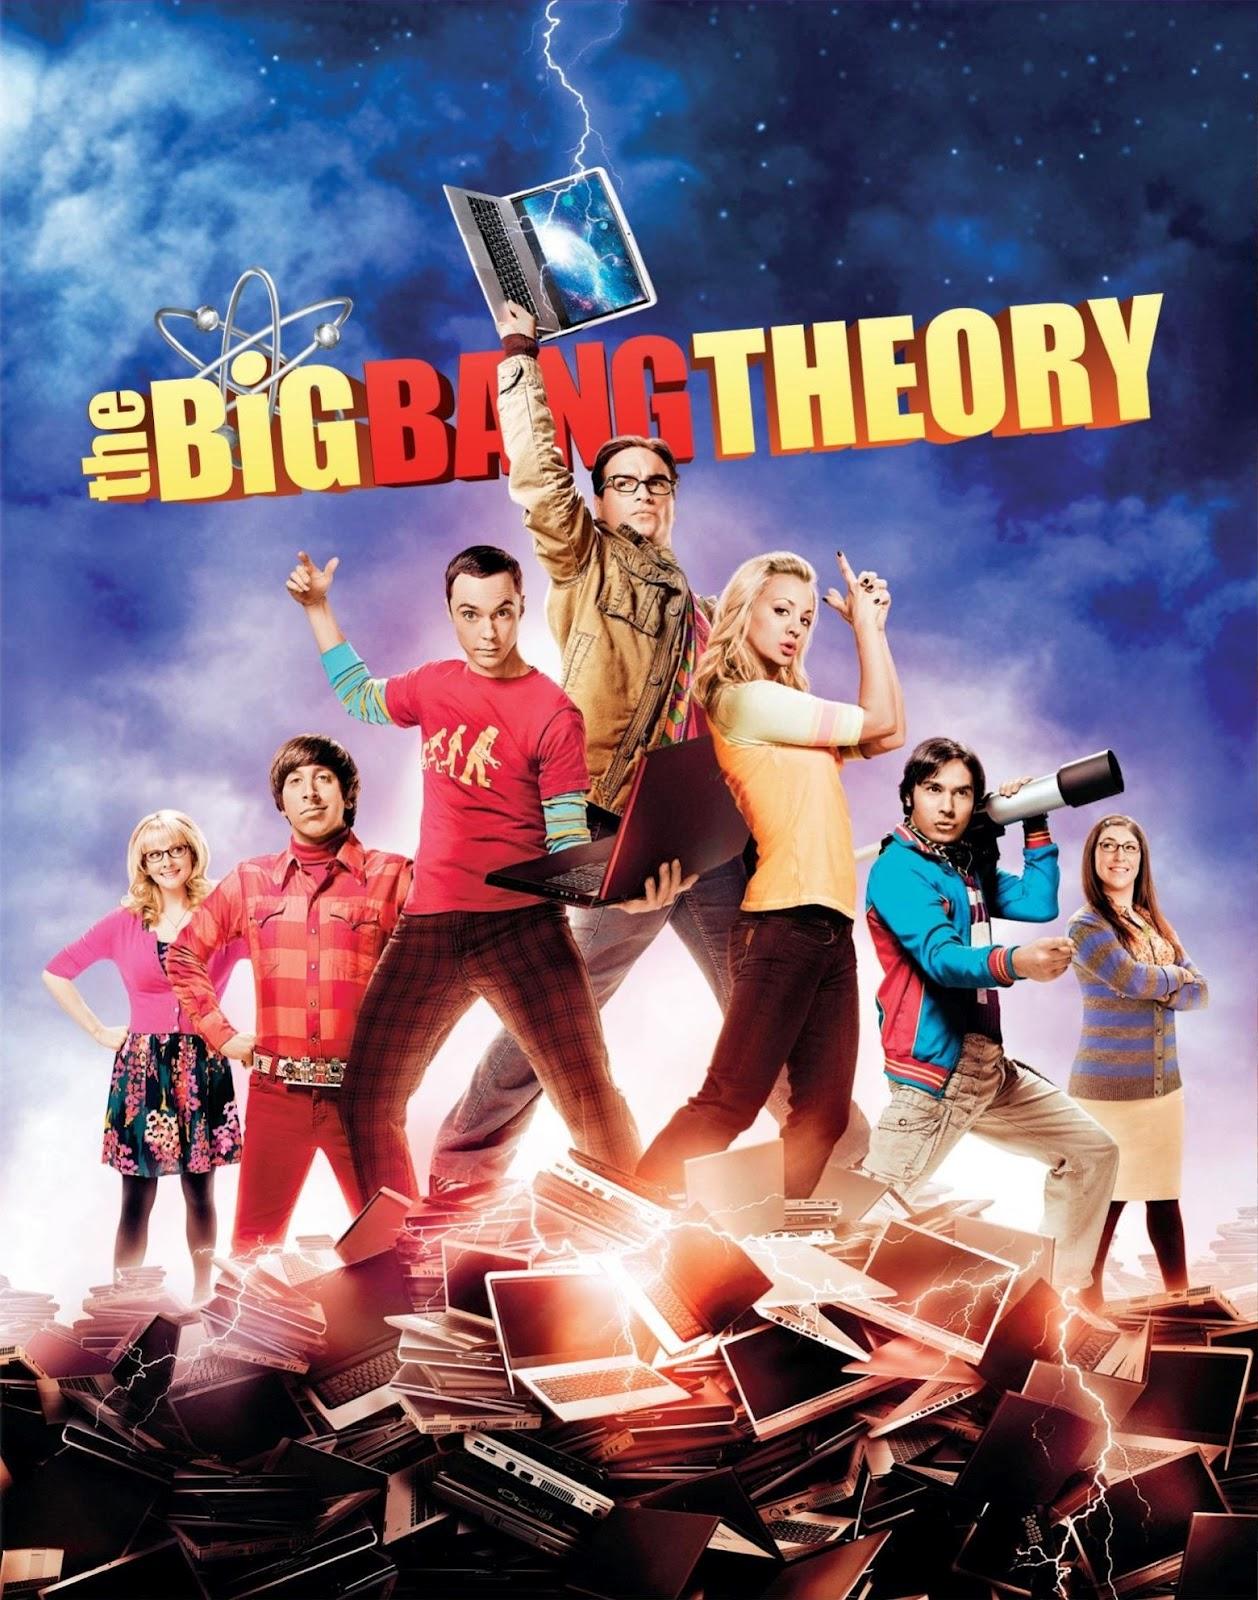 Big bang theory the season 6